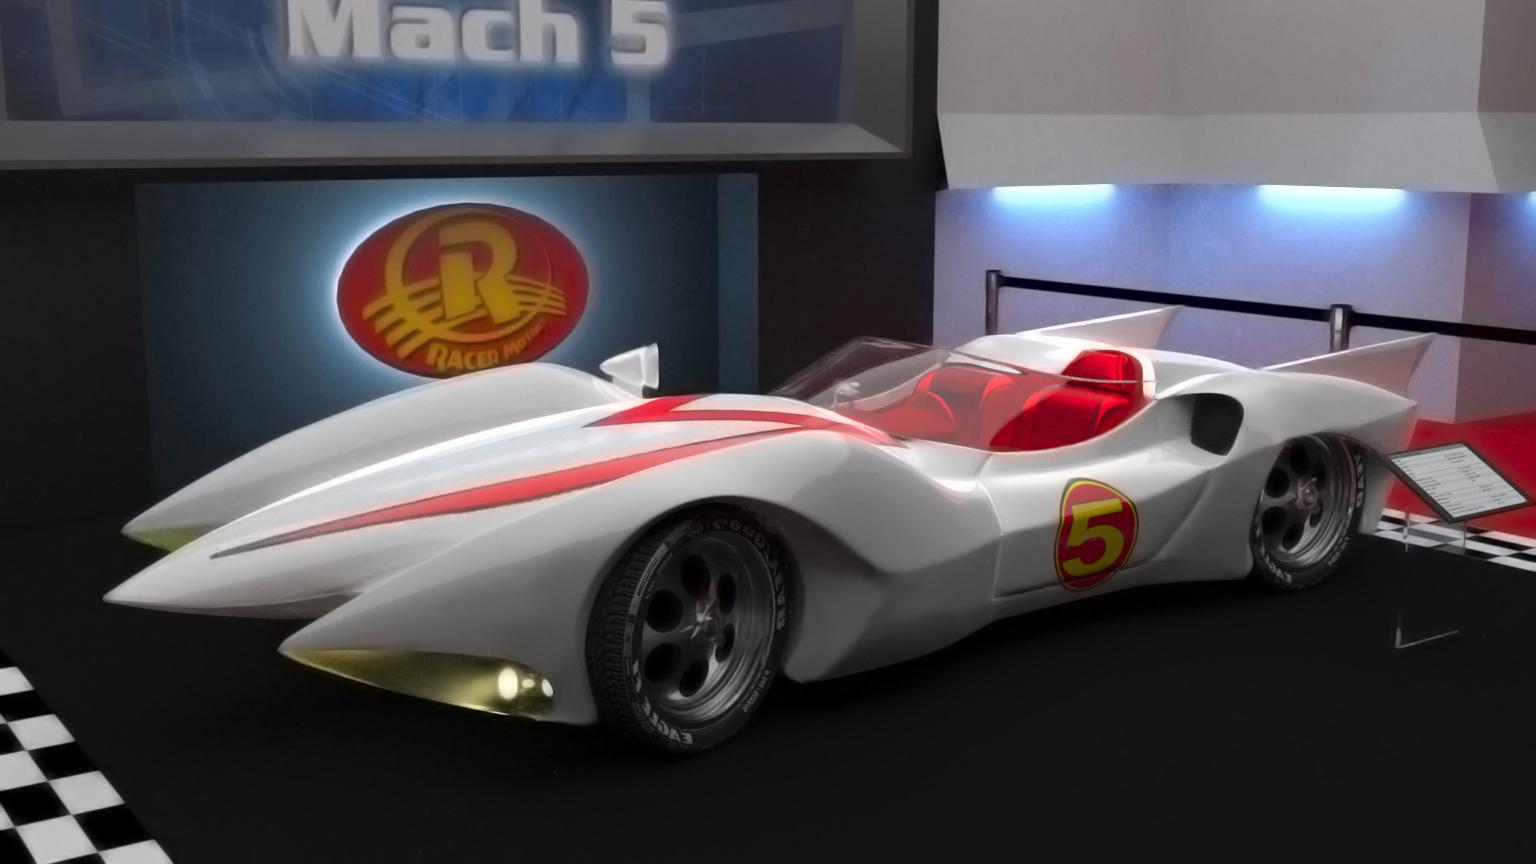 Mach 5 Redux